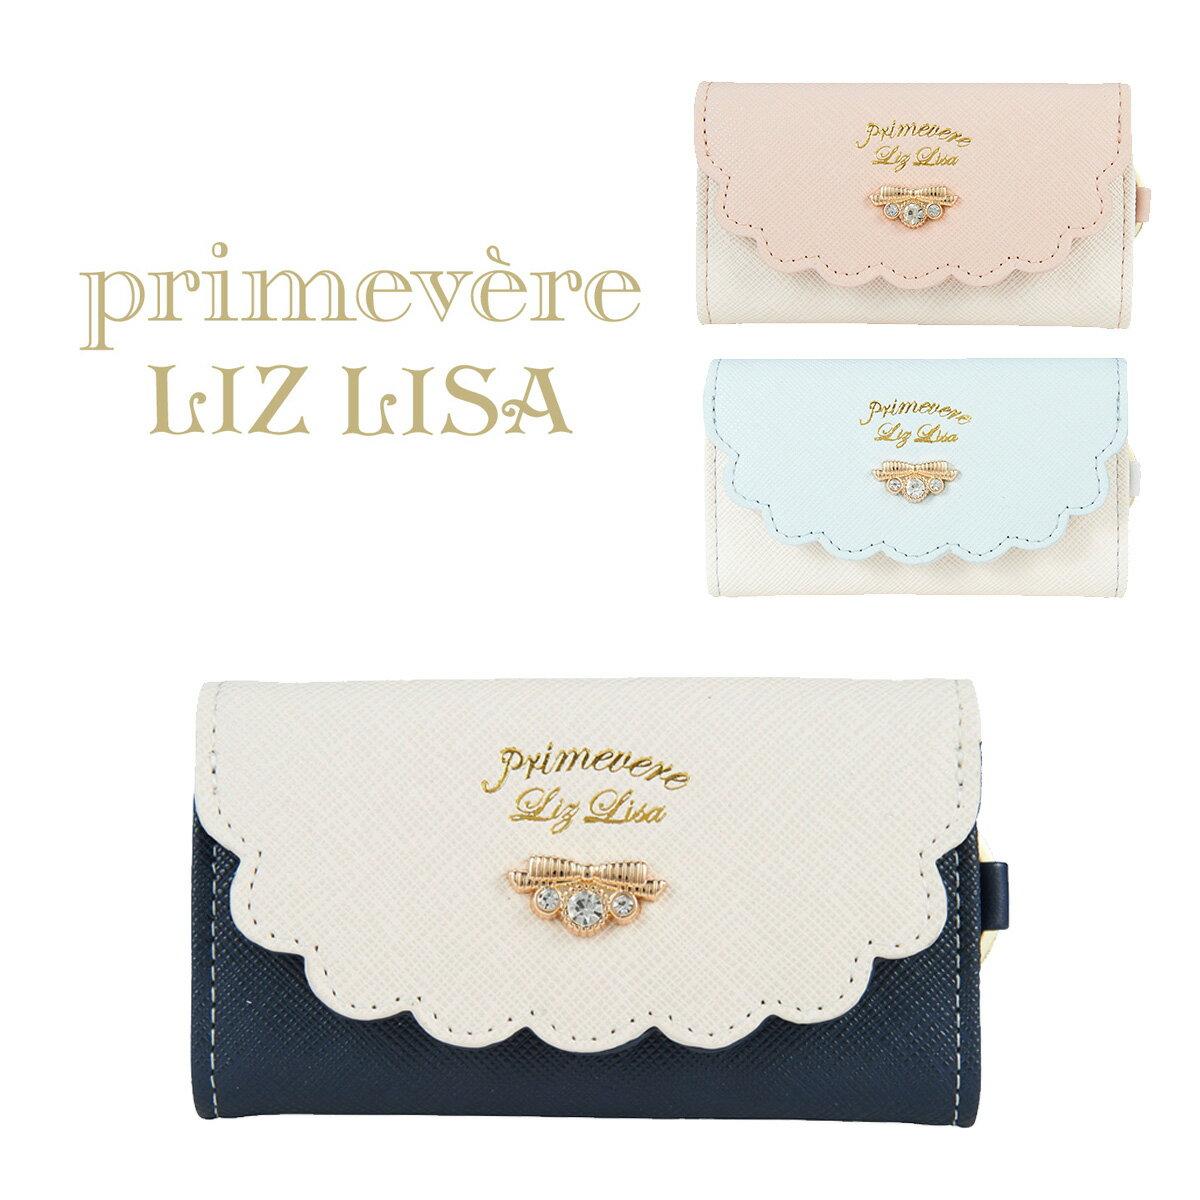 リズリサ Primevere LIZ LISA キーケース 64445 サボン 【 レディース 】【PO5】